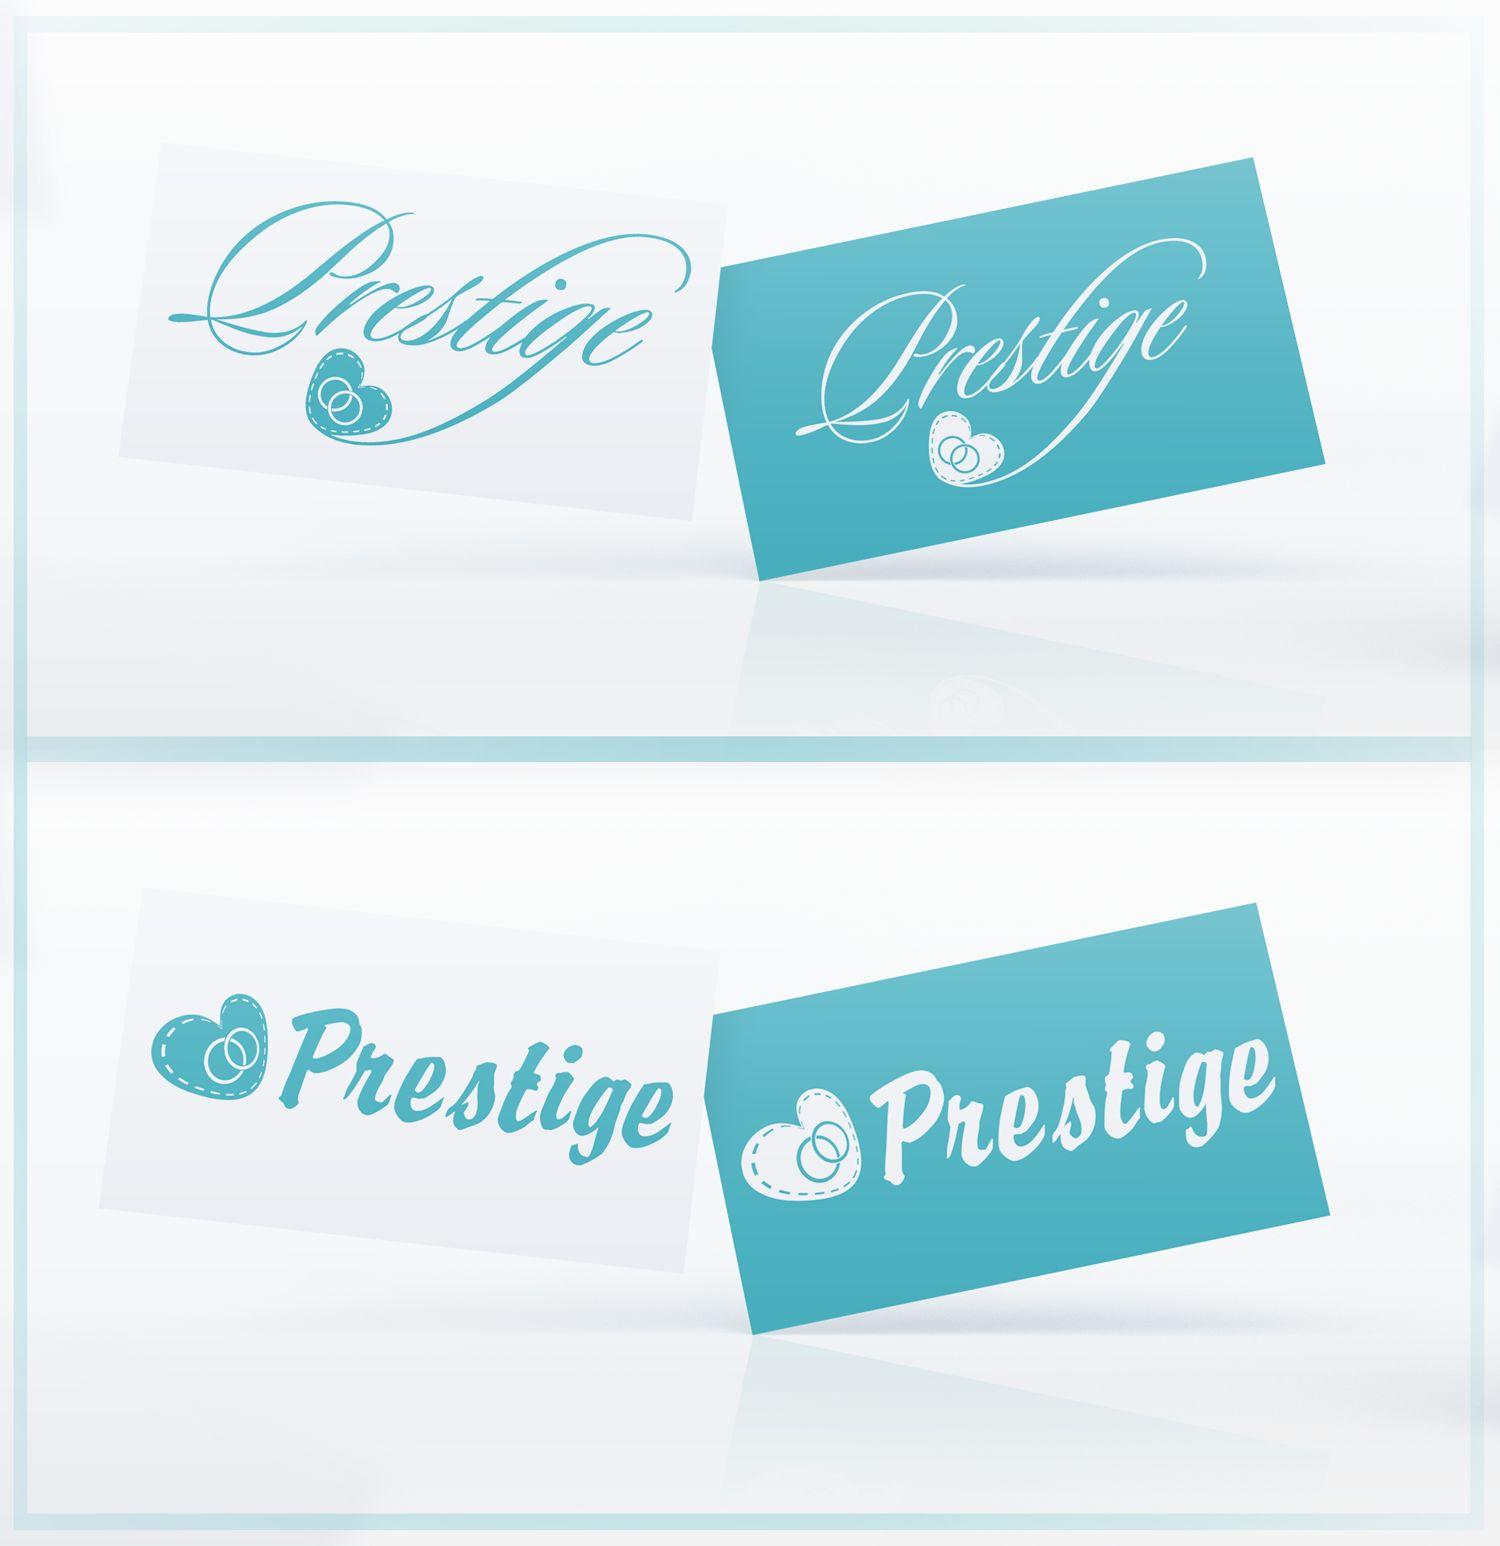 Логотип для свадебного агентства Prestige - дизайнер LLight